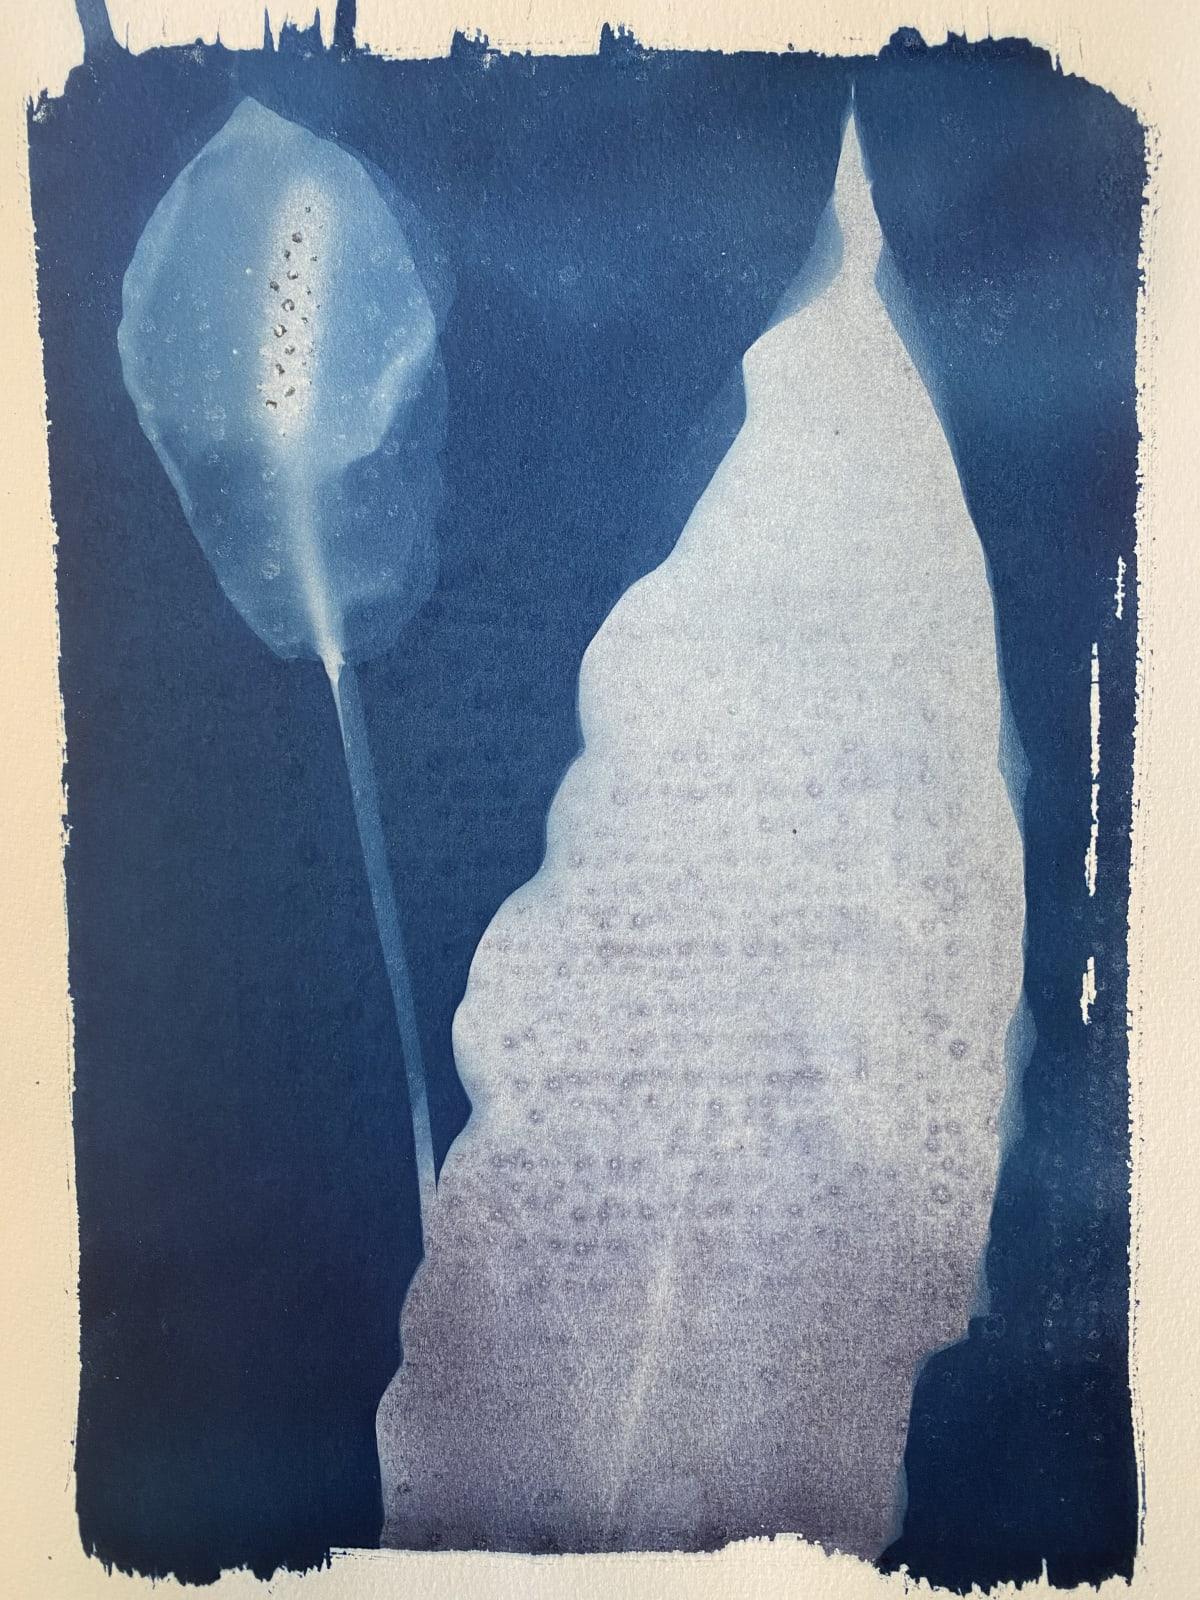 Keris Salmon, Peace Lily, 2020